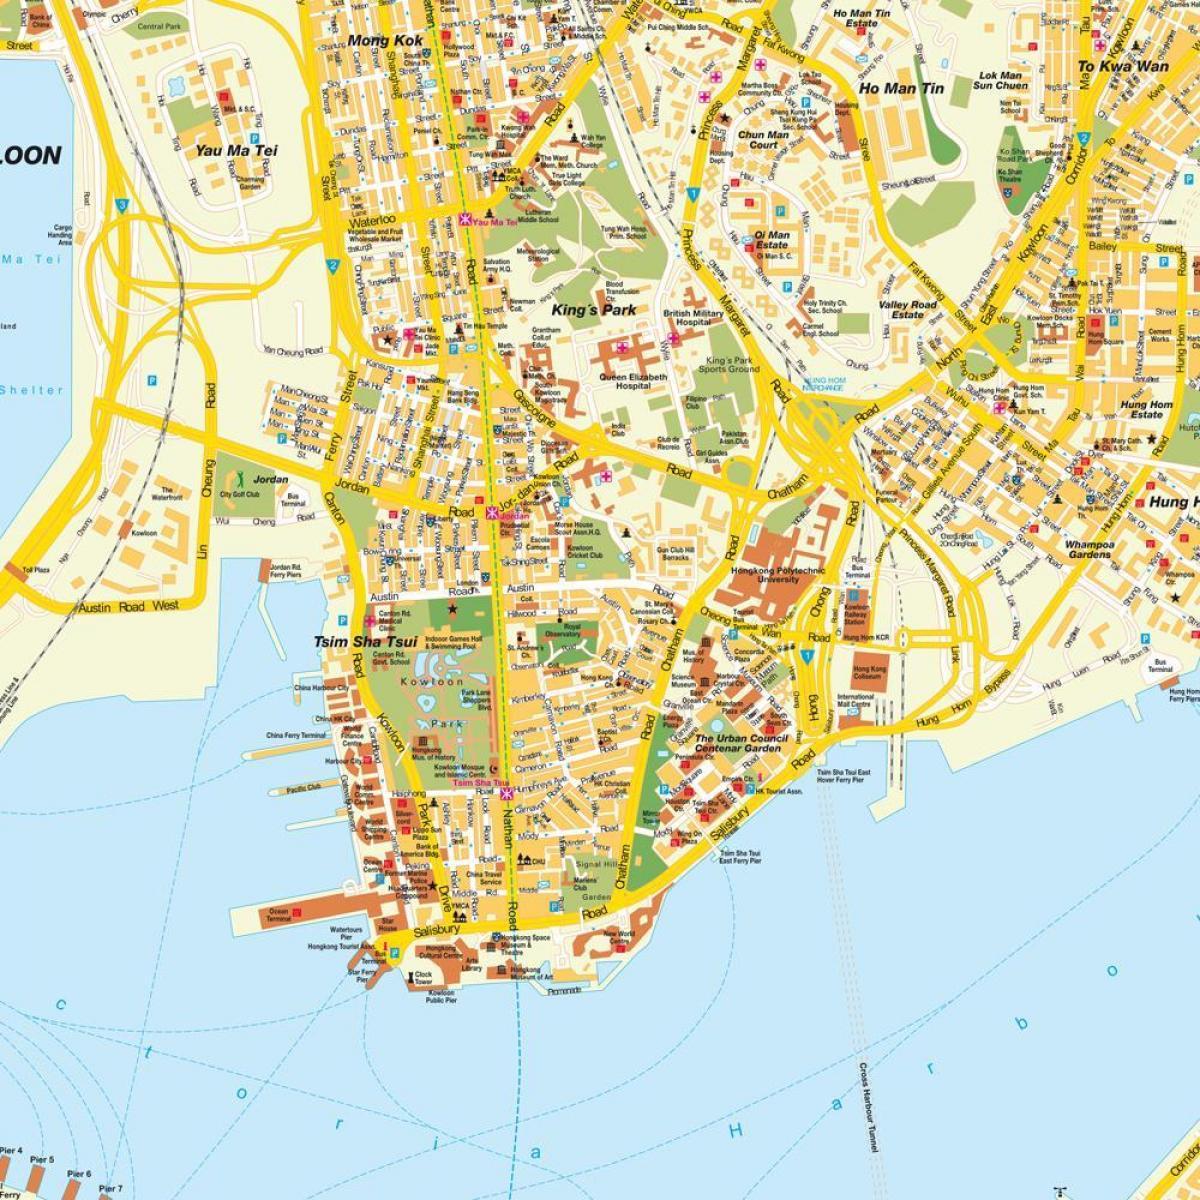 Kowloon Hong Kong map - Map of Kowloon Hong Kong (China) on singapore map, kowloon city map, kowloon mtr map, mongkok map, tsim sha tsui map, kowloon china, santo domingo dominican republic map, harbour grand kowloon map, hk map, kowloon street map in chinese, nathan road kowloon map, kowloon bus route map, shenzhen map, macau map, kowloon map of attractions, china map, hangzhou map, shanghai map,